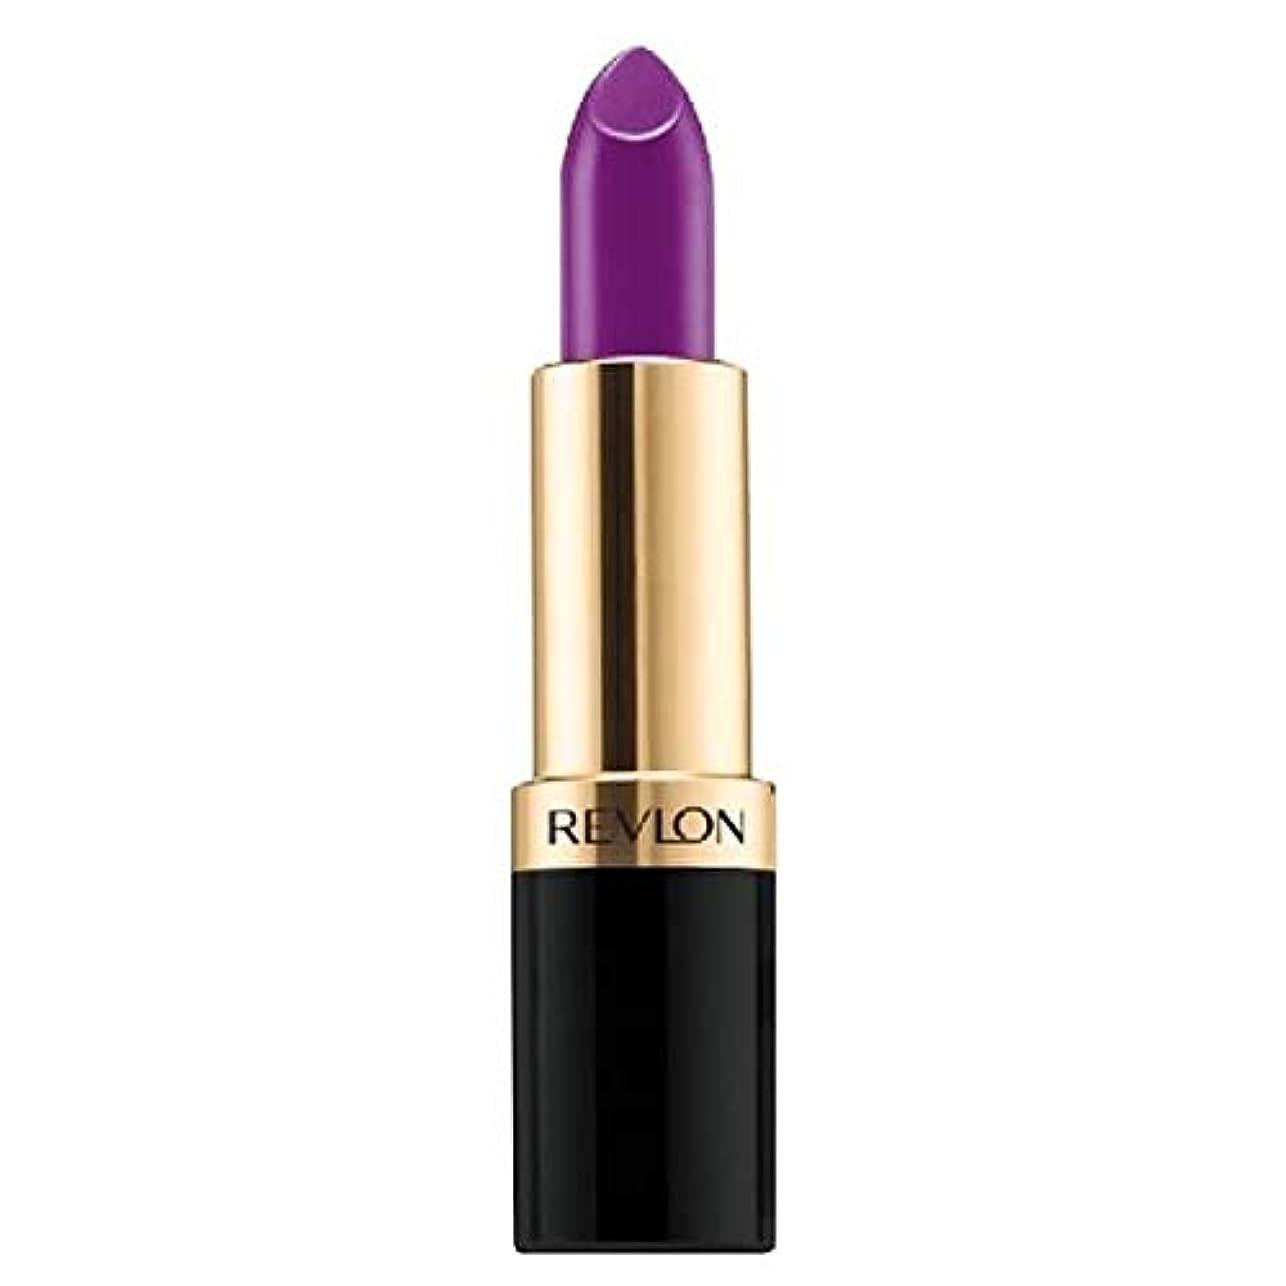 凶暴な流出ユーモア[Revlon ] レブロンSuperlustrousマット口紅紫のオーラ4.2グラム - Revlon Superlustrous Matte Lipstick Purple Aura 4.2g [並行輸入品]